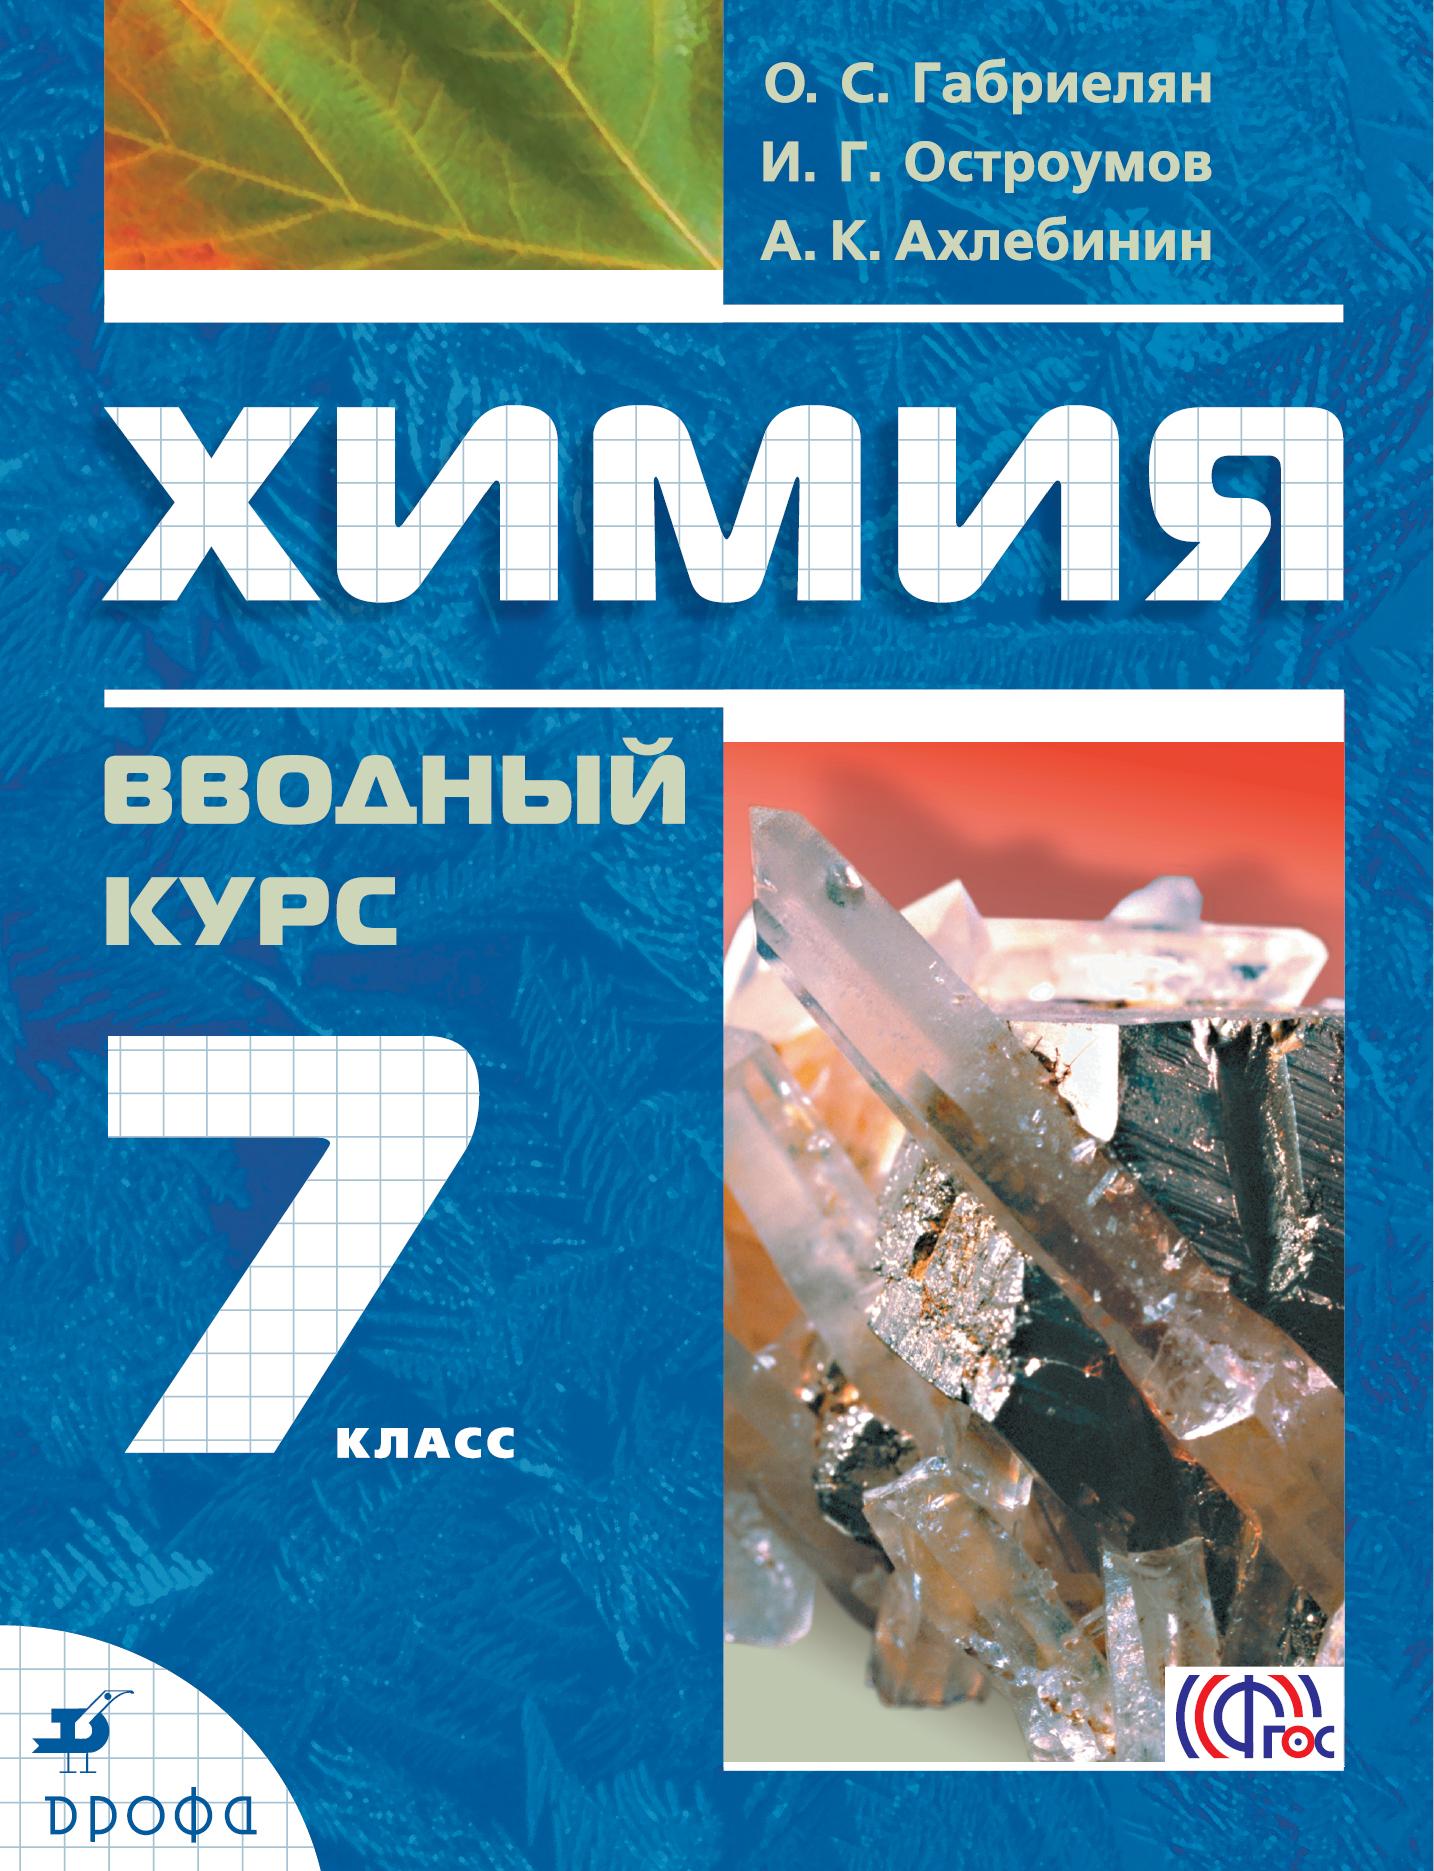 Химия. Вводный курс 7кл [Уч. пос.] ФП